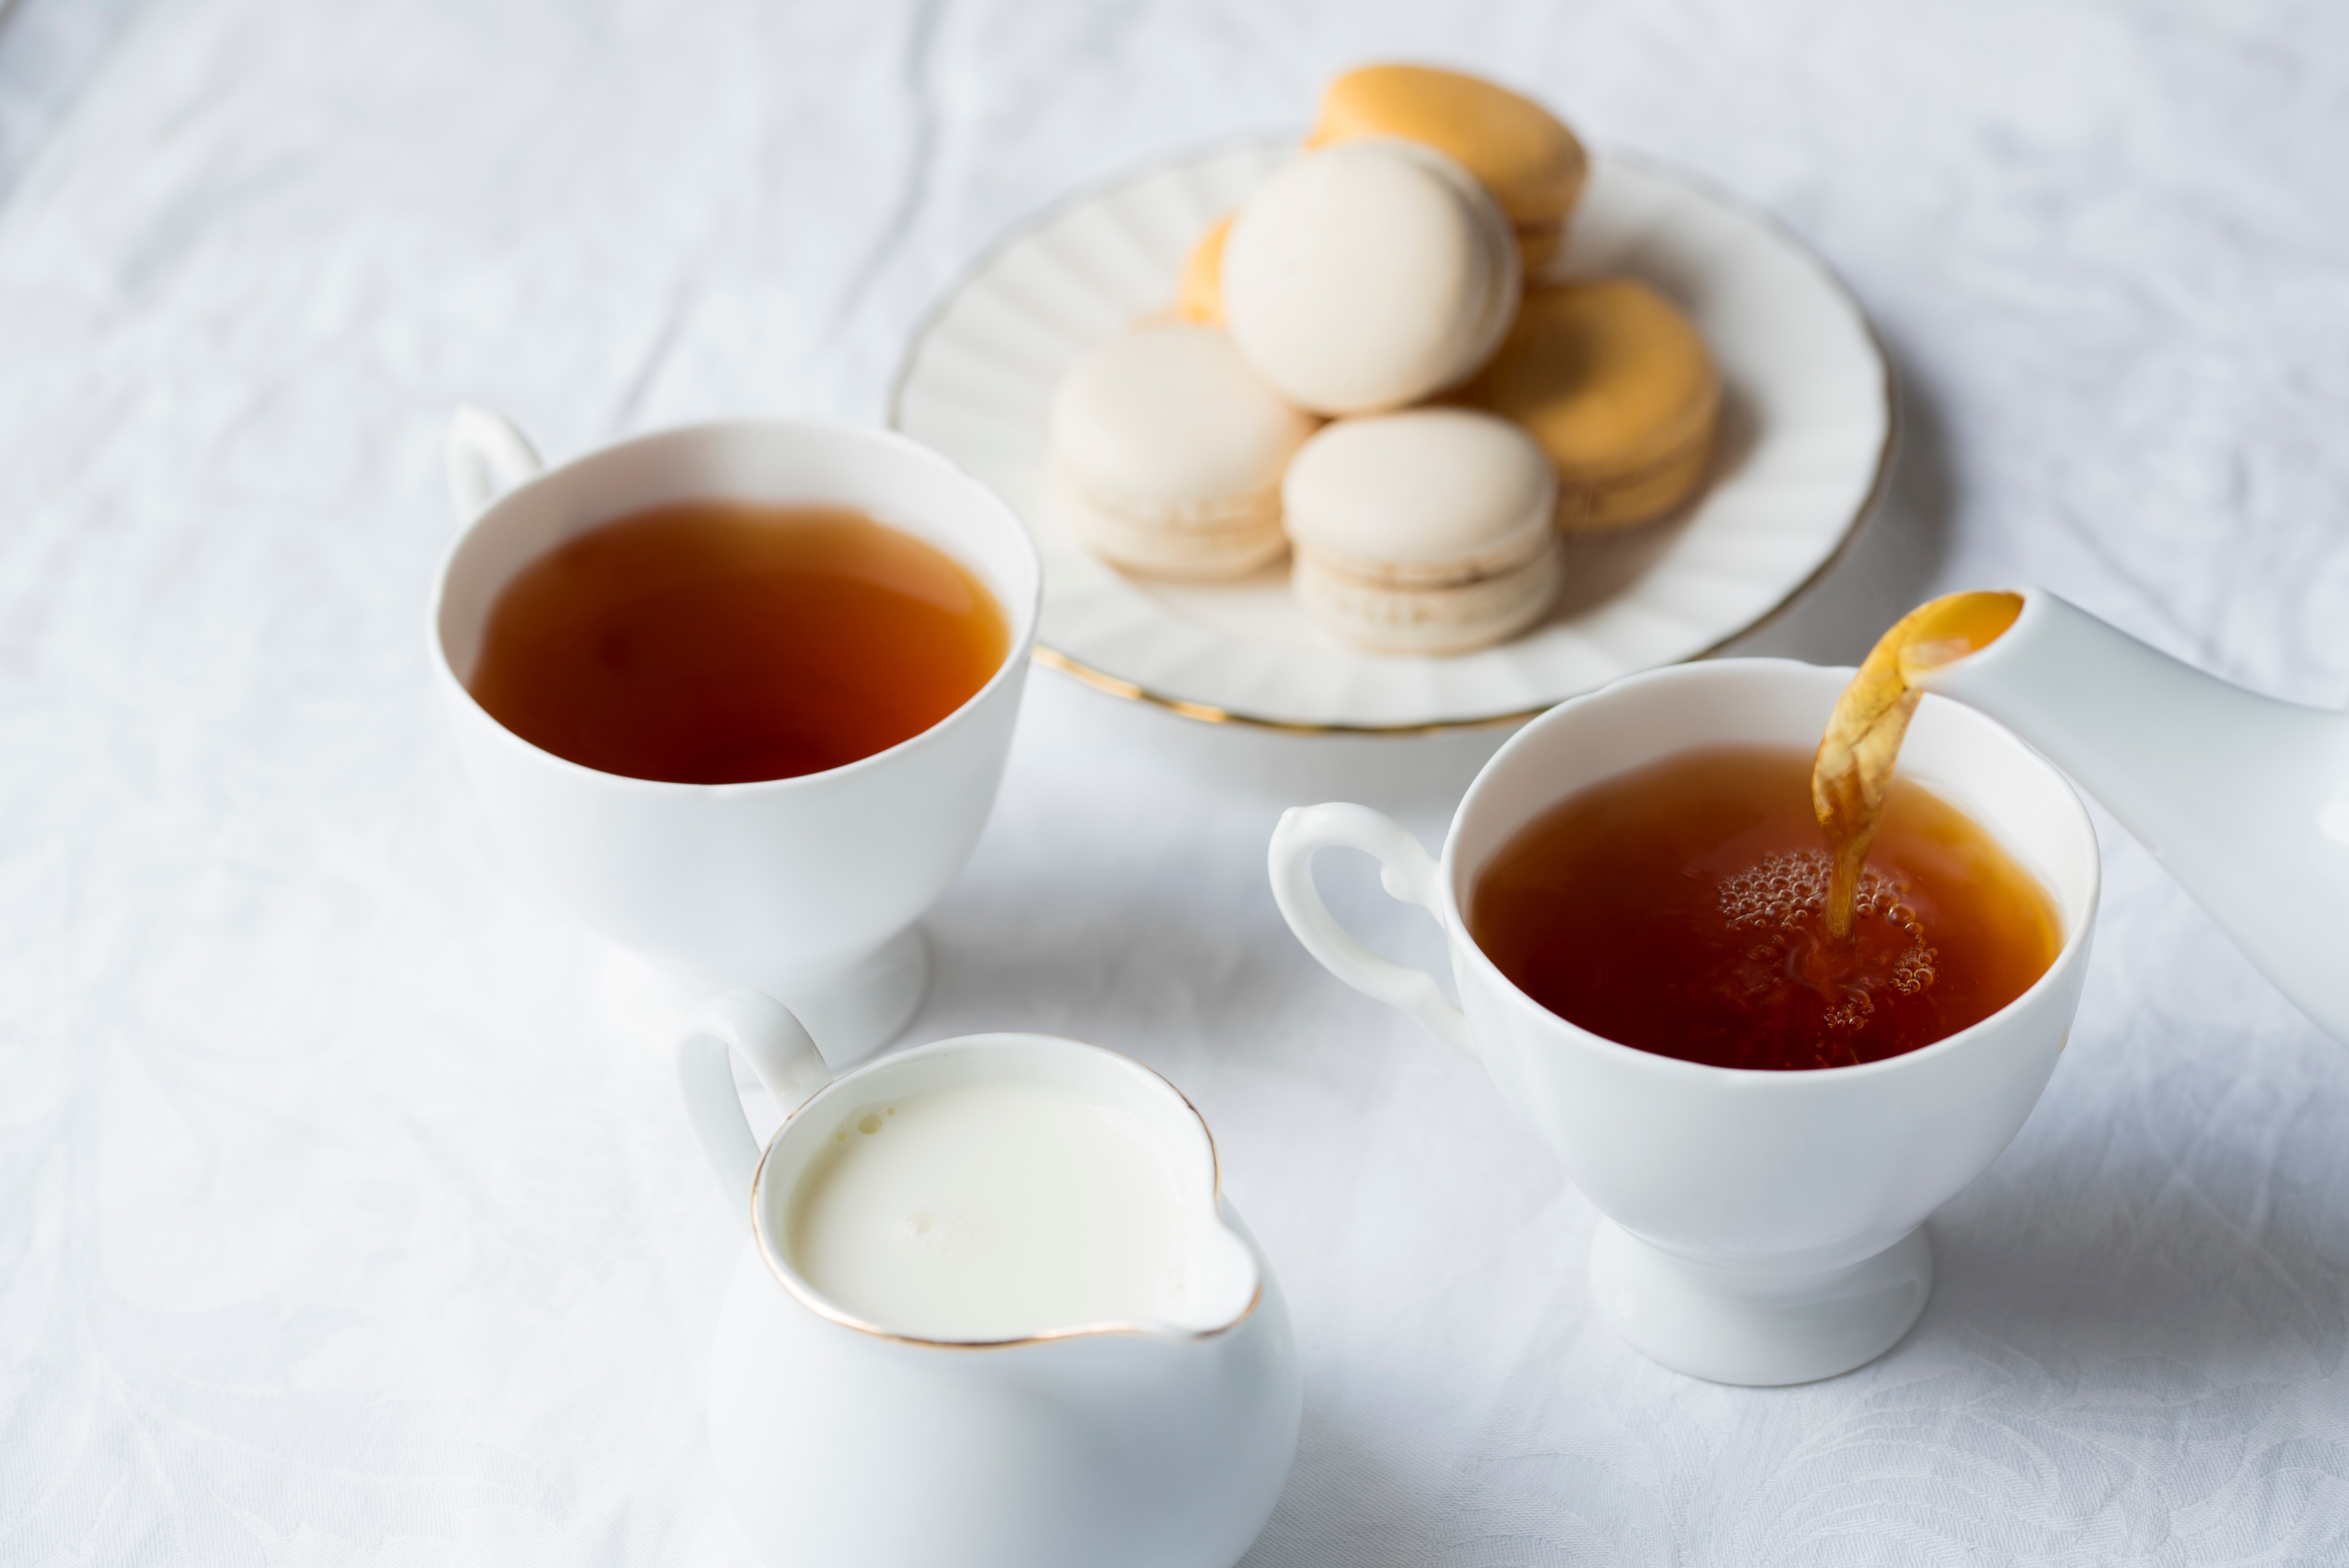 紅茶 ギフト おしゃれ